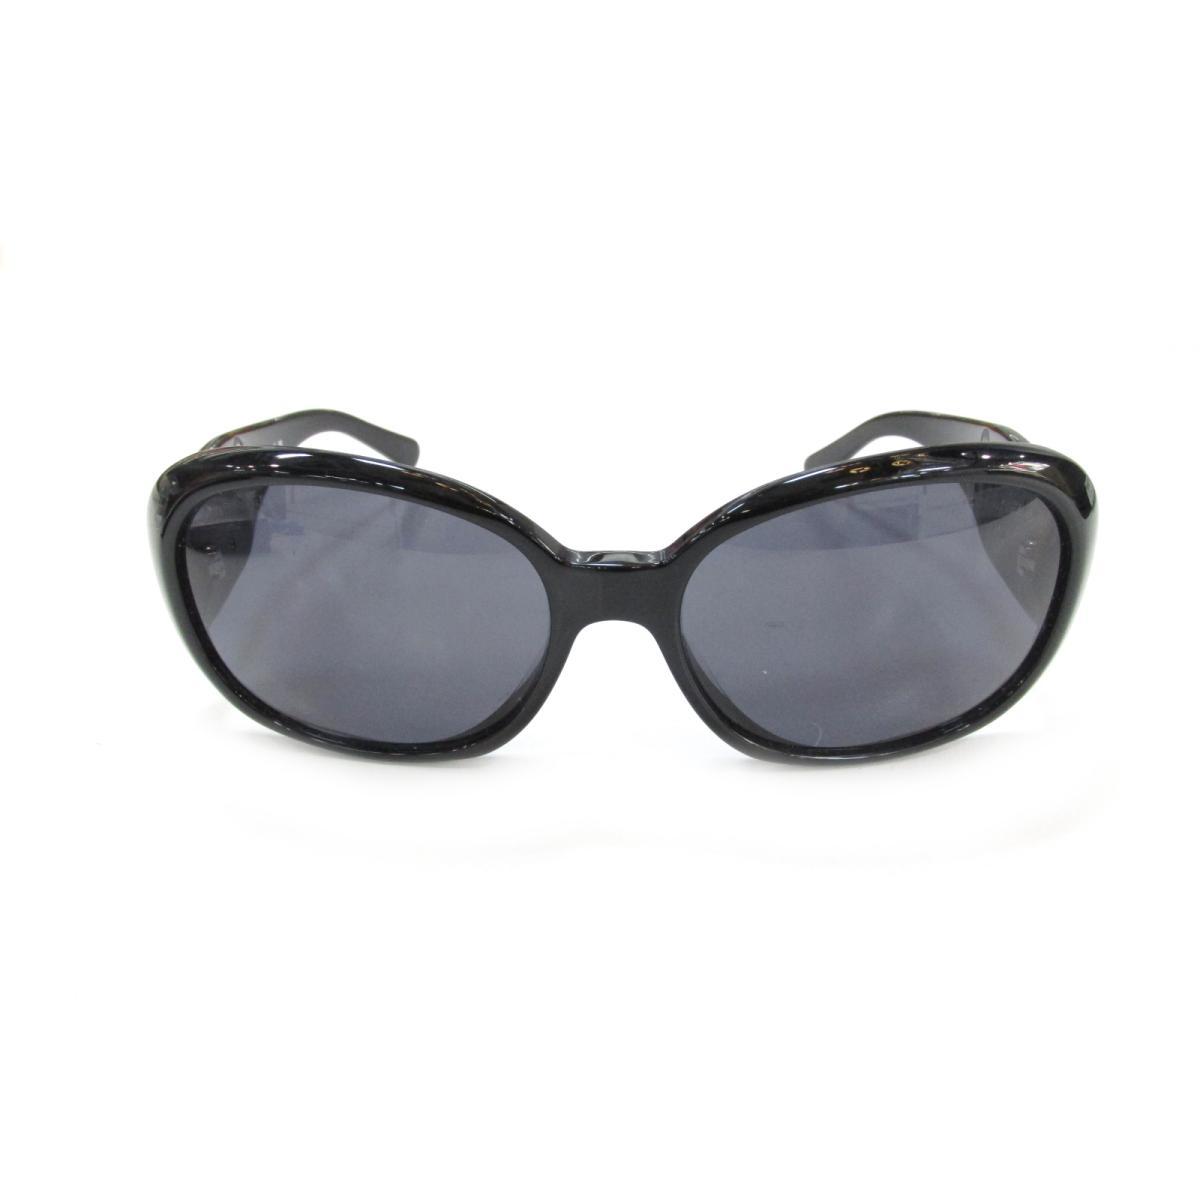 【中古】 シャネル サングラス レディース プラスチック ブラック   CHANEL サングラス サングラス 美品 ブランドオフ BRANDOFF